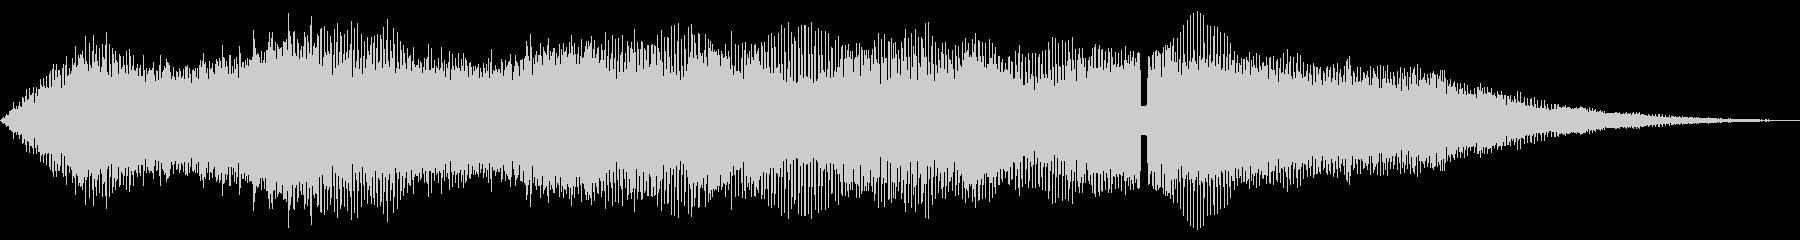 クローズシンセドローン、音楽FX;...の未再生の波形